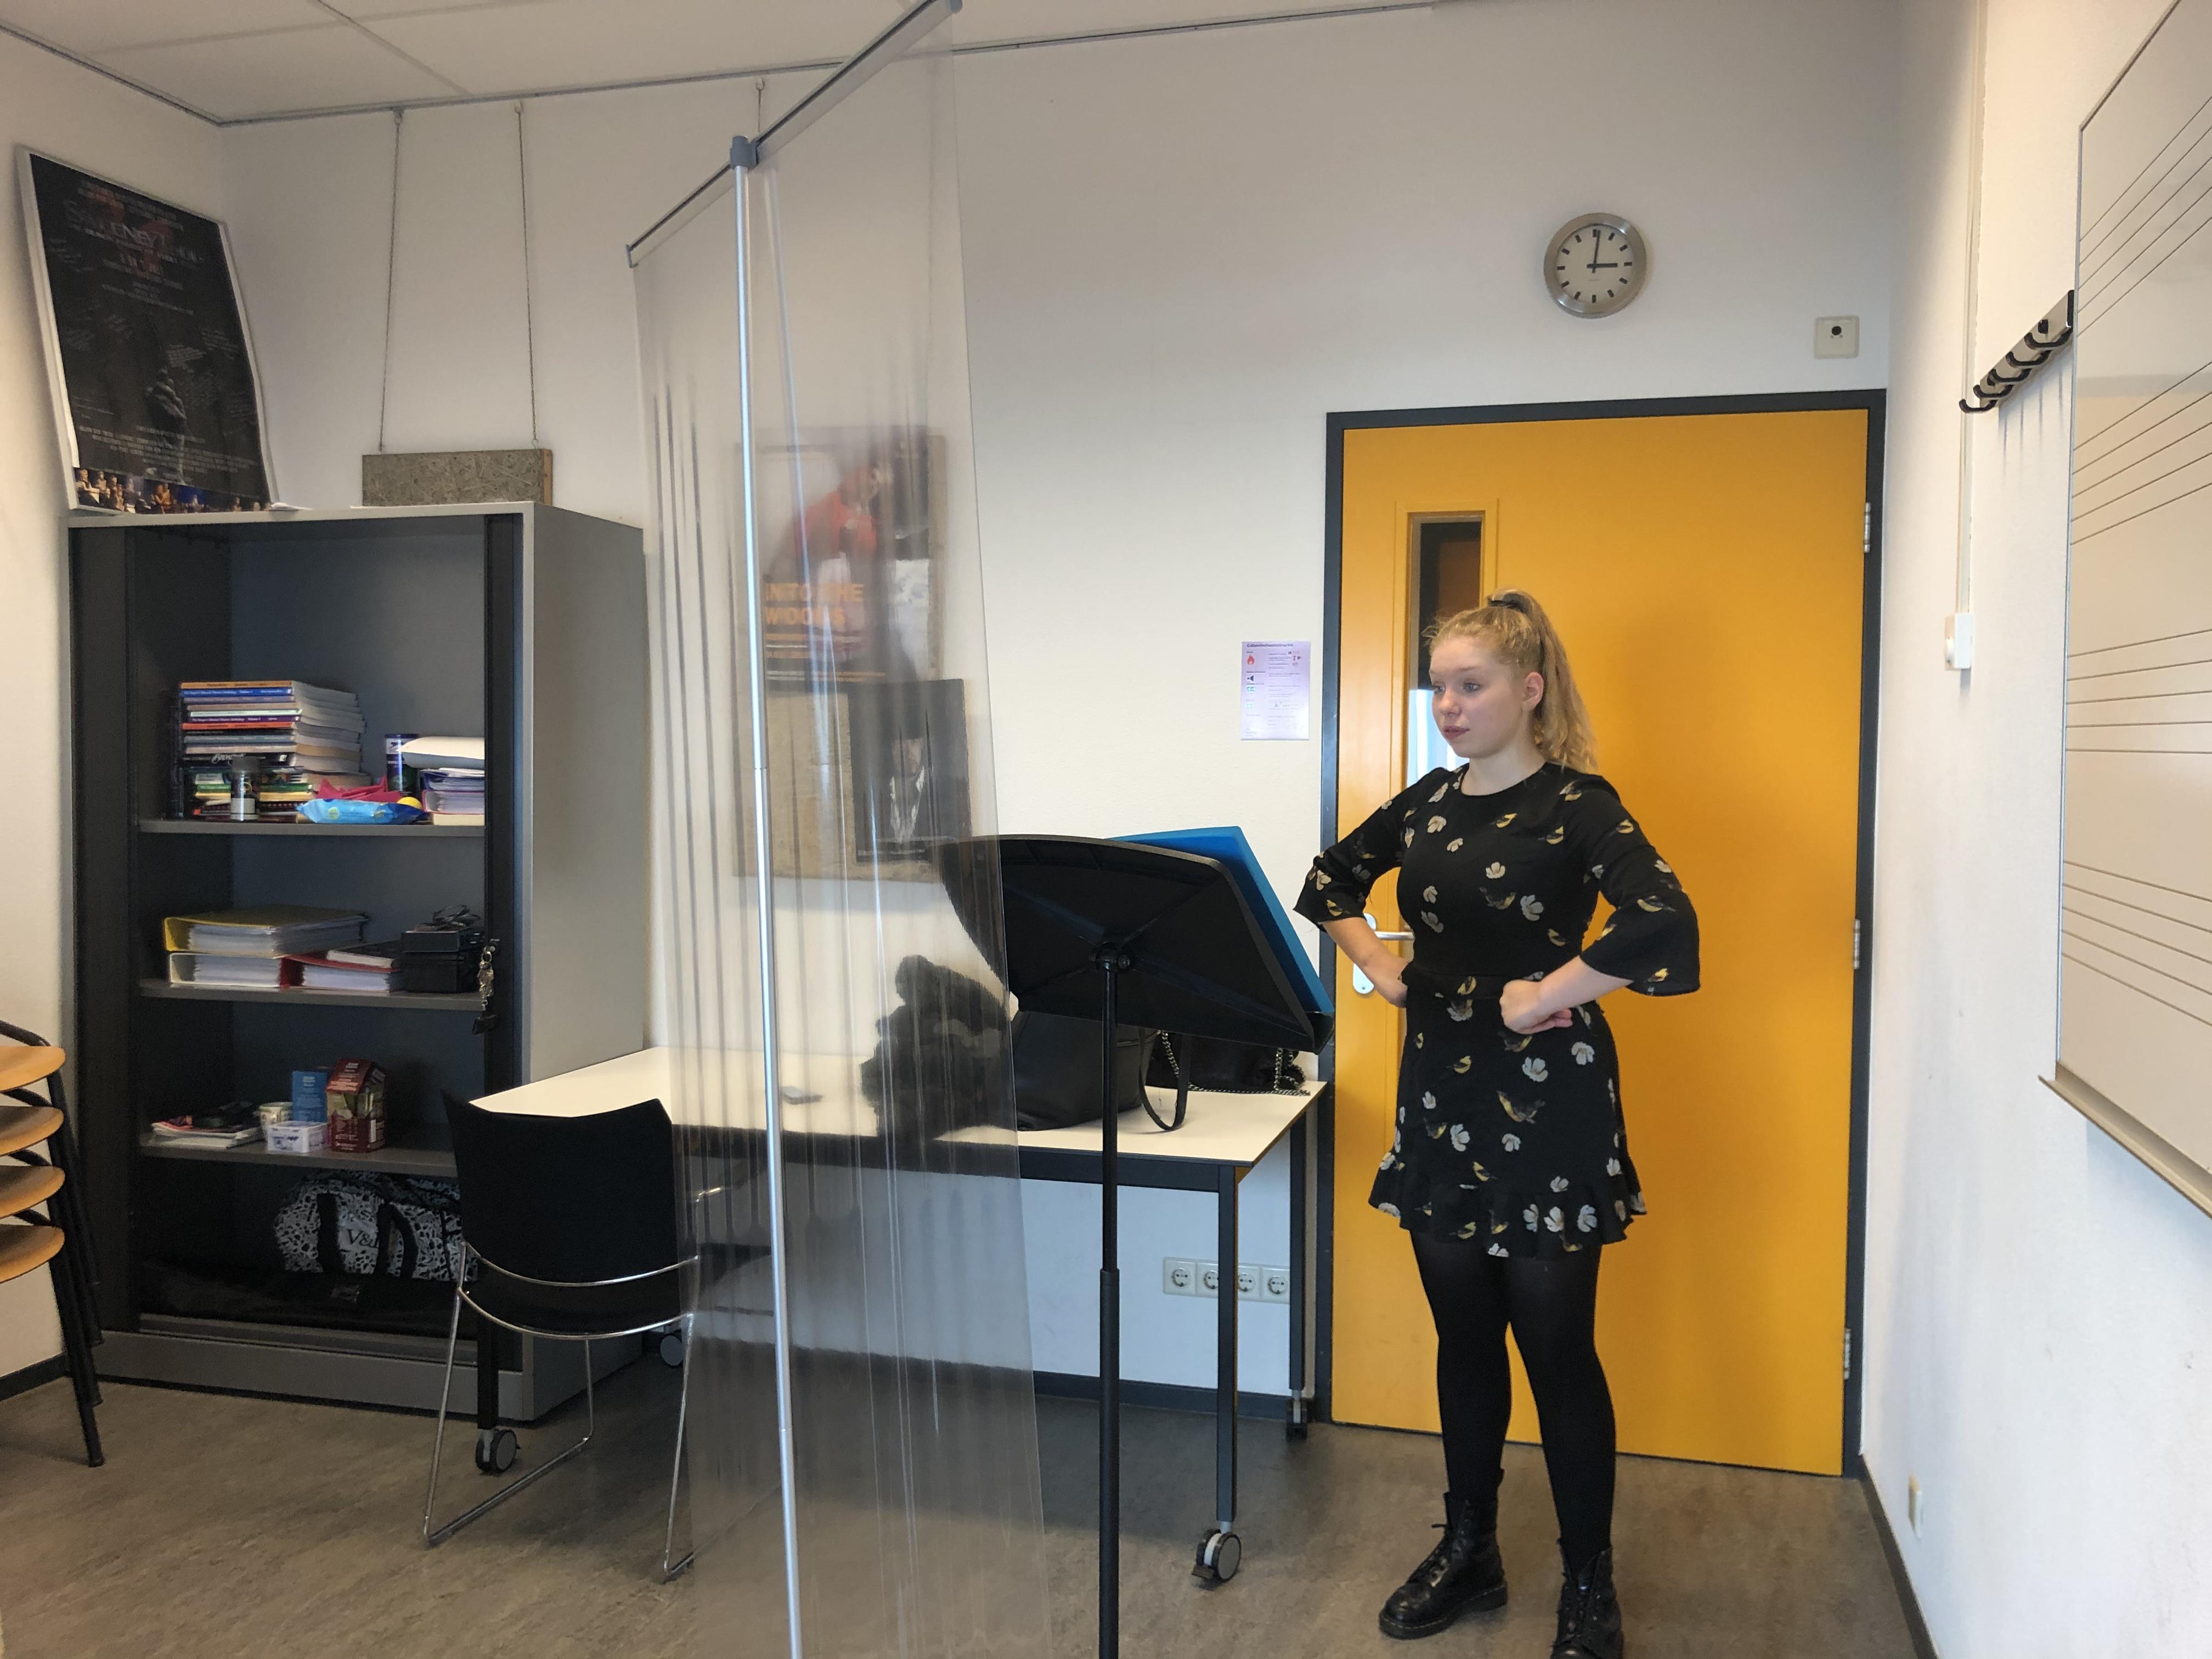 Bij Fontys Hogeschool voor de Kunsten kon nog wel 'coronaproof' zangles worden gegeven.